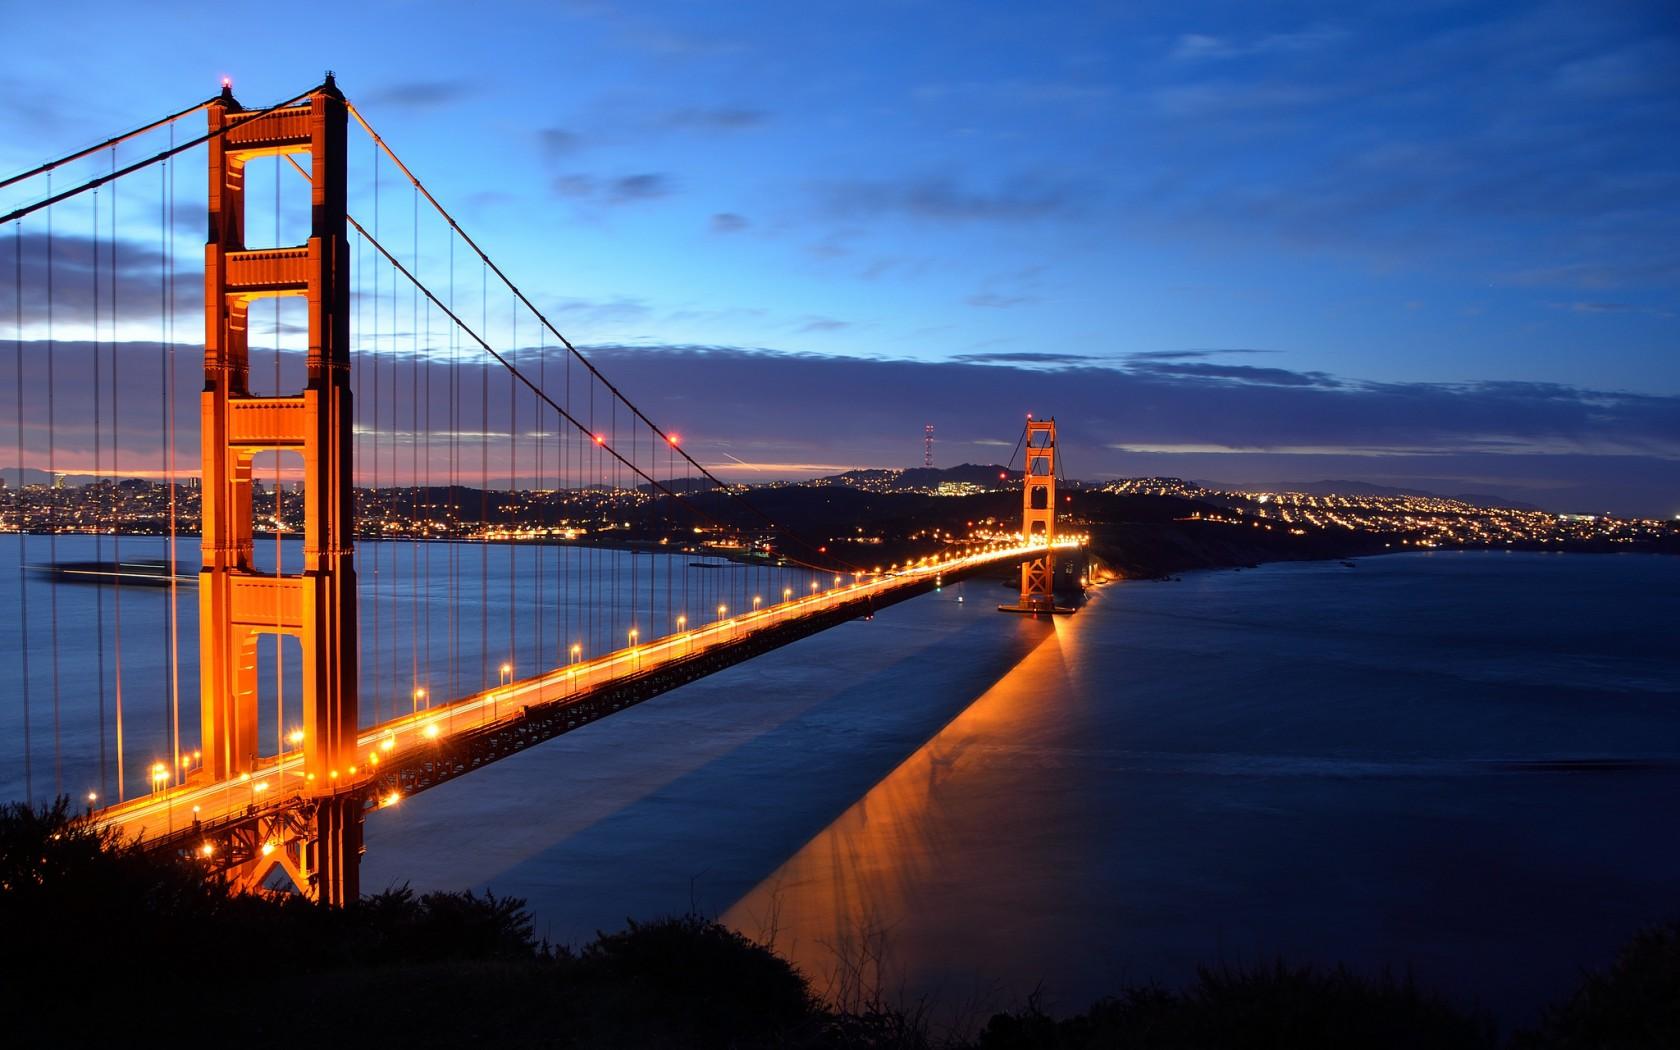 نتيجة بحث الصور عن جسر البوابة الذهبية